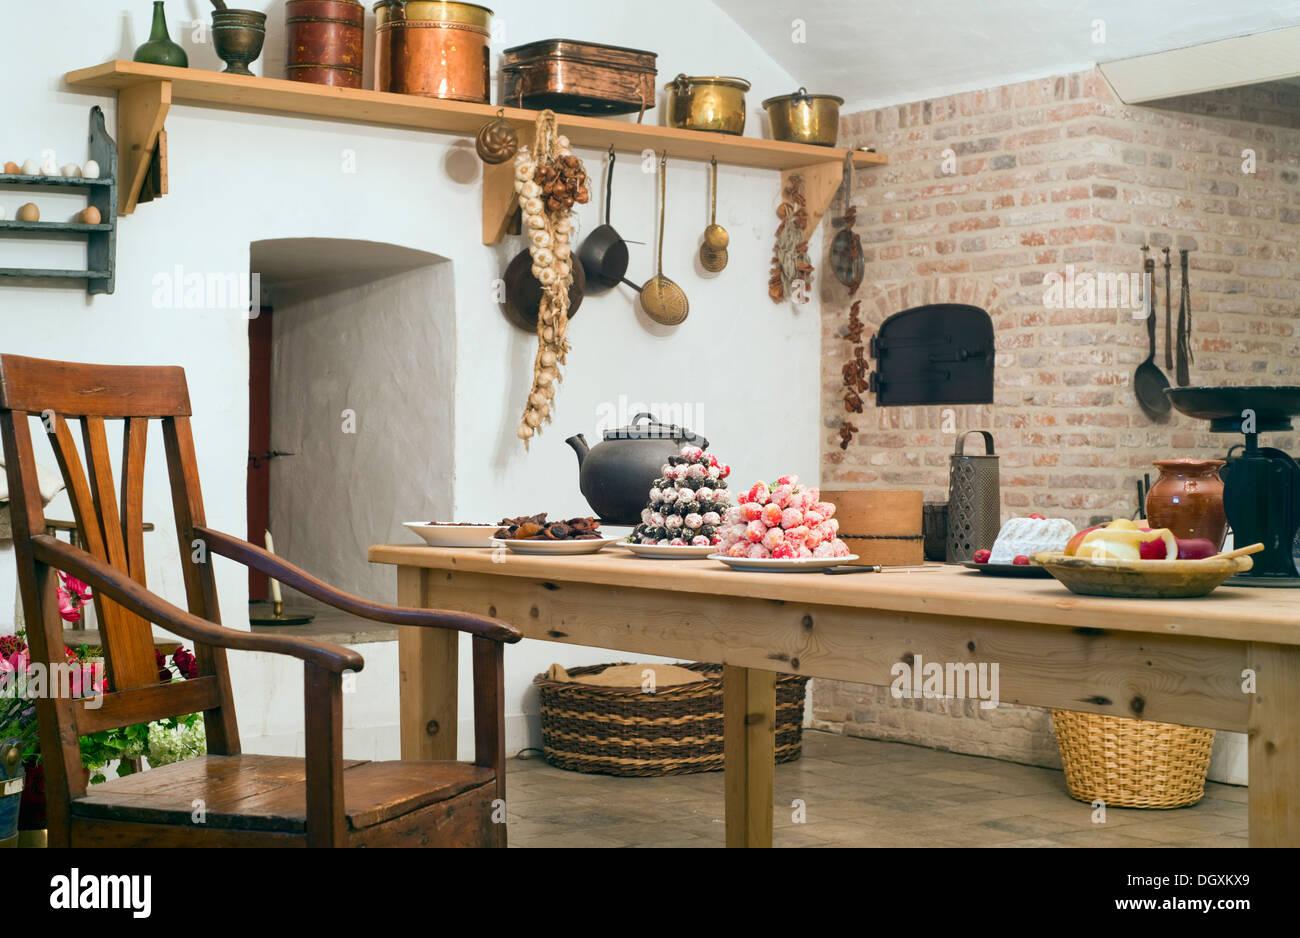 Hervorragend Eine altmodische Küche Interieur Stockfoto, Bild: 62051985 - Alamy CX04